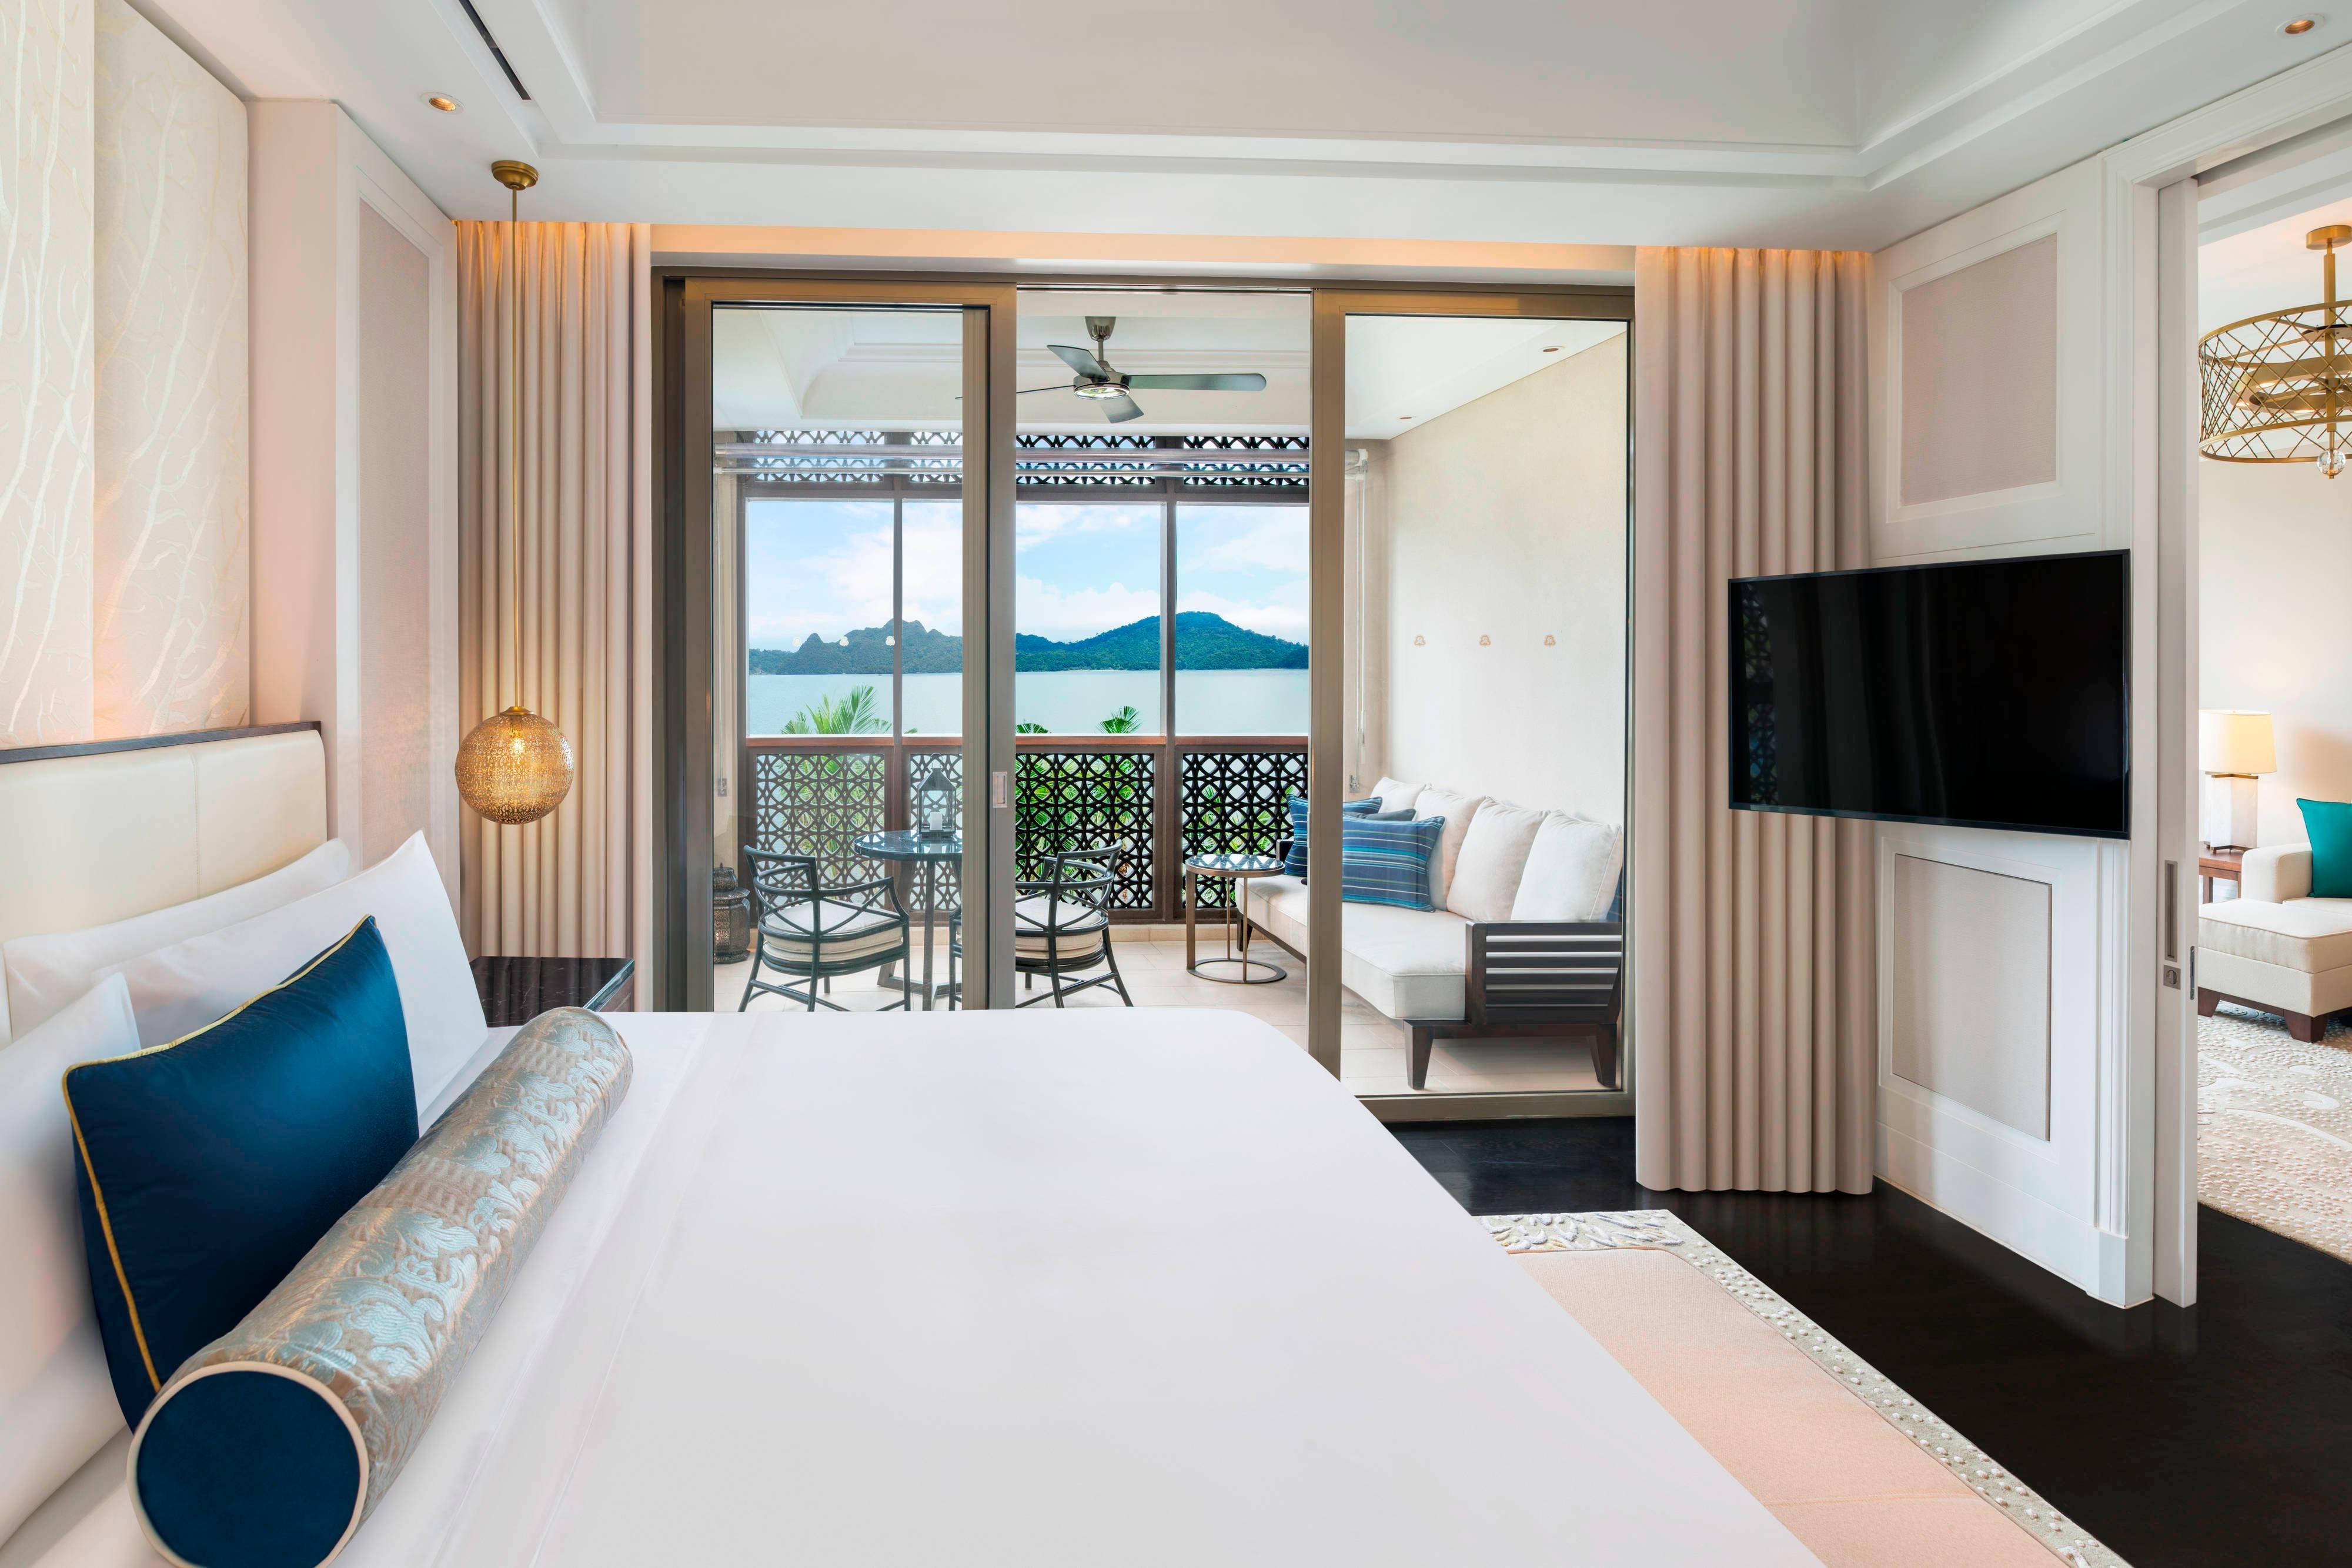 St Regis Suite - Bedroom